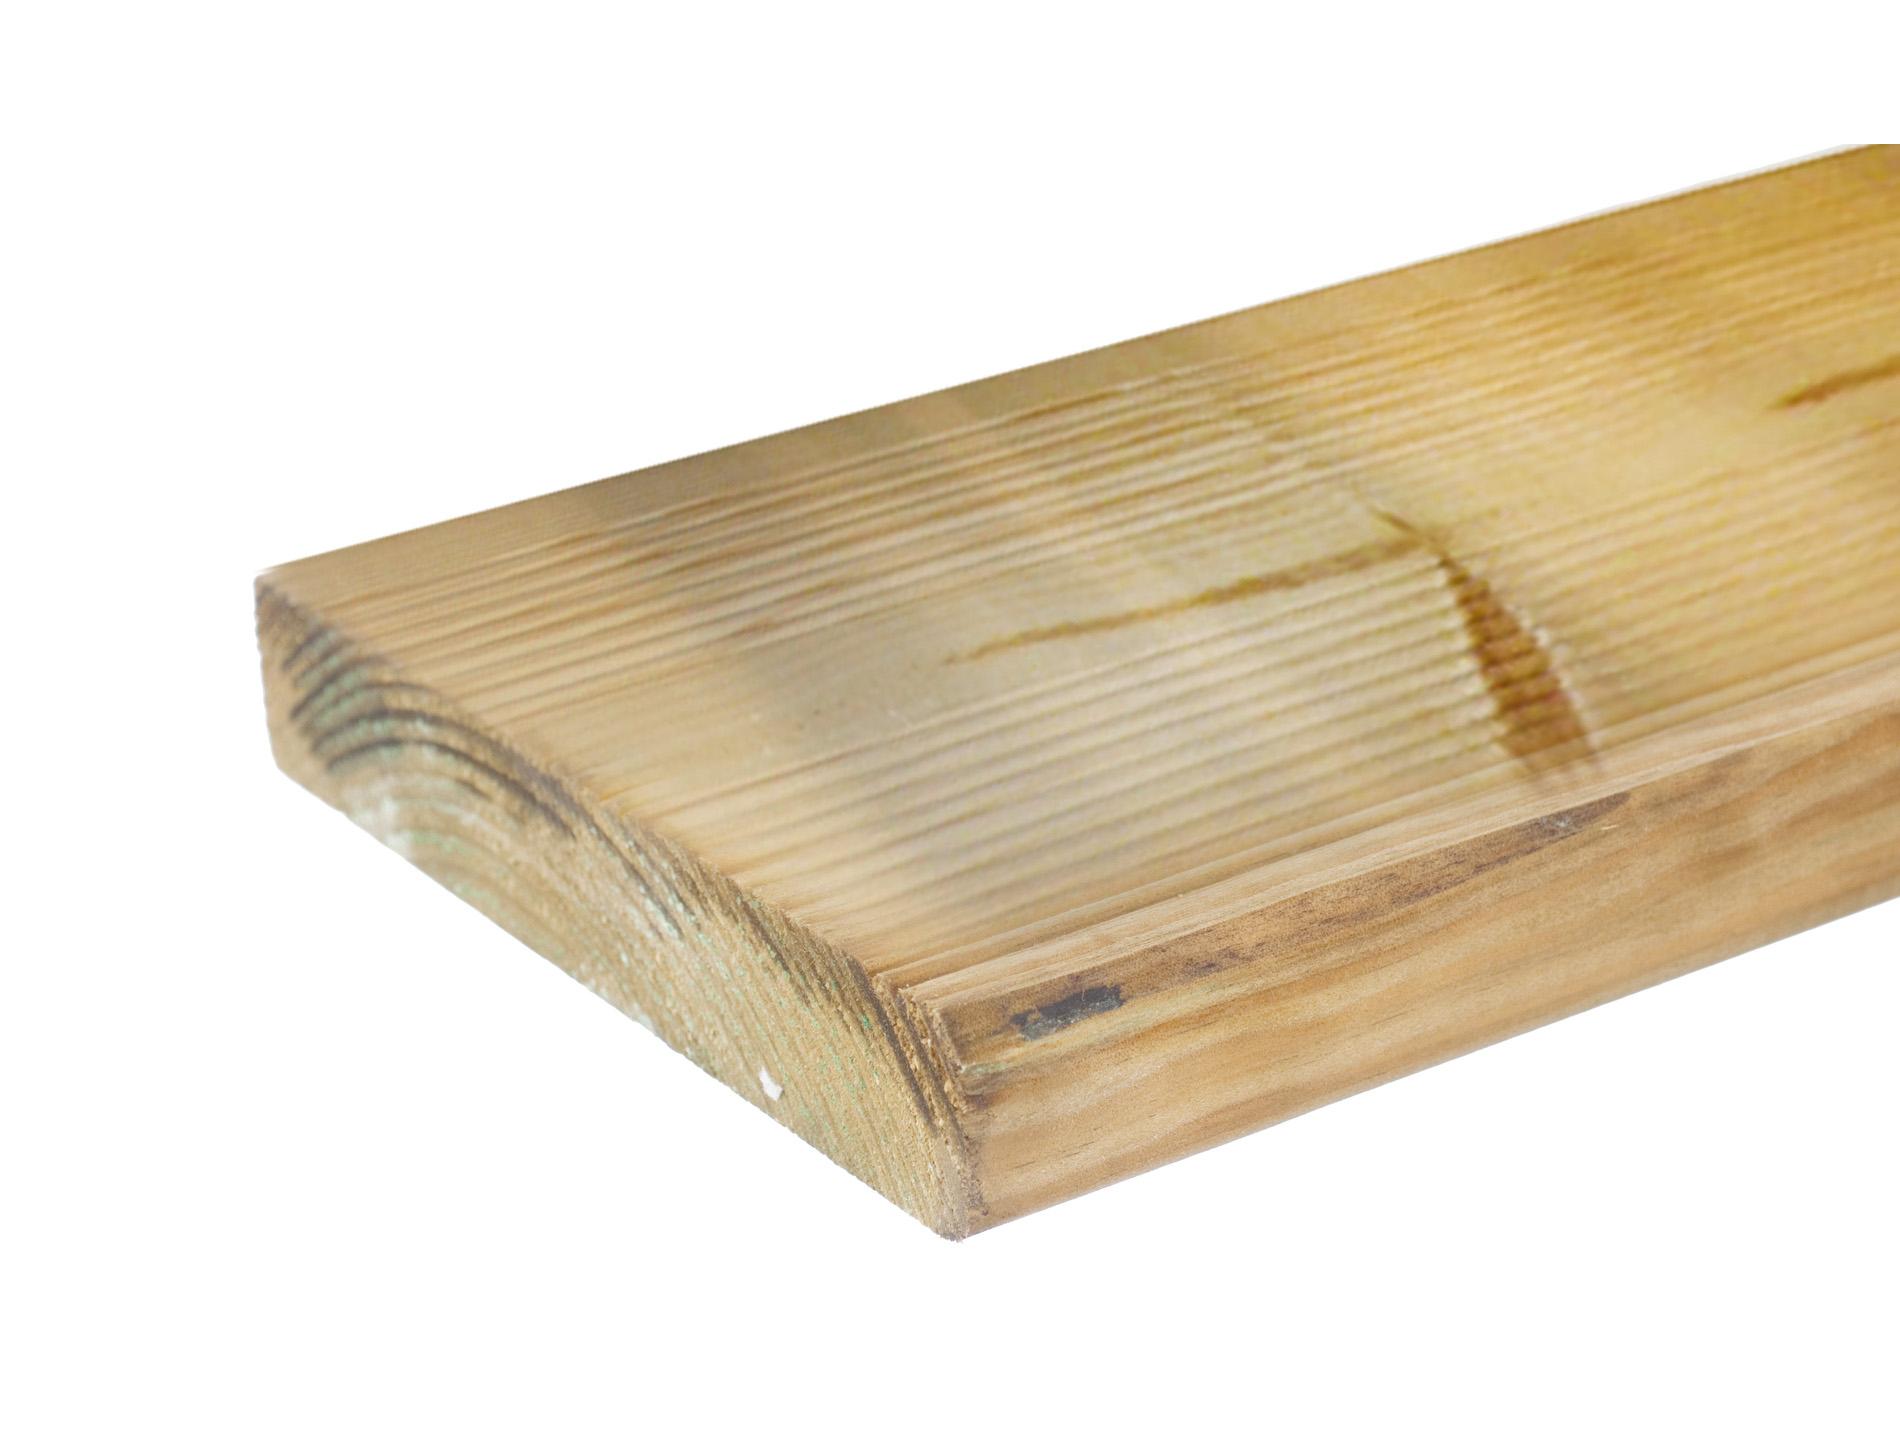 lame bois rainur e marco 3 90m terrasse d 39 ext rieur am nagement ext rieur. Black Bedroom Furniture Sets. Home Design Ideas